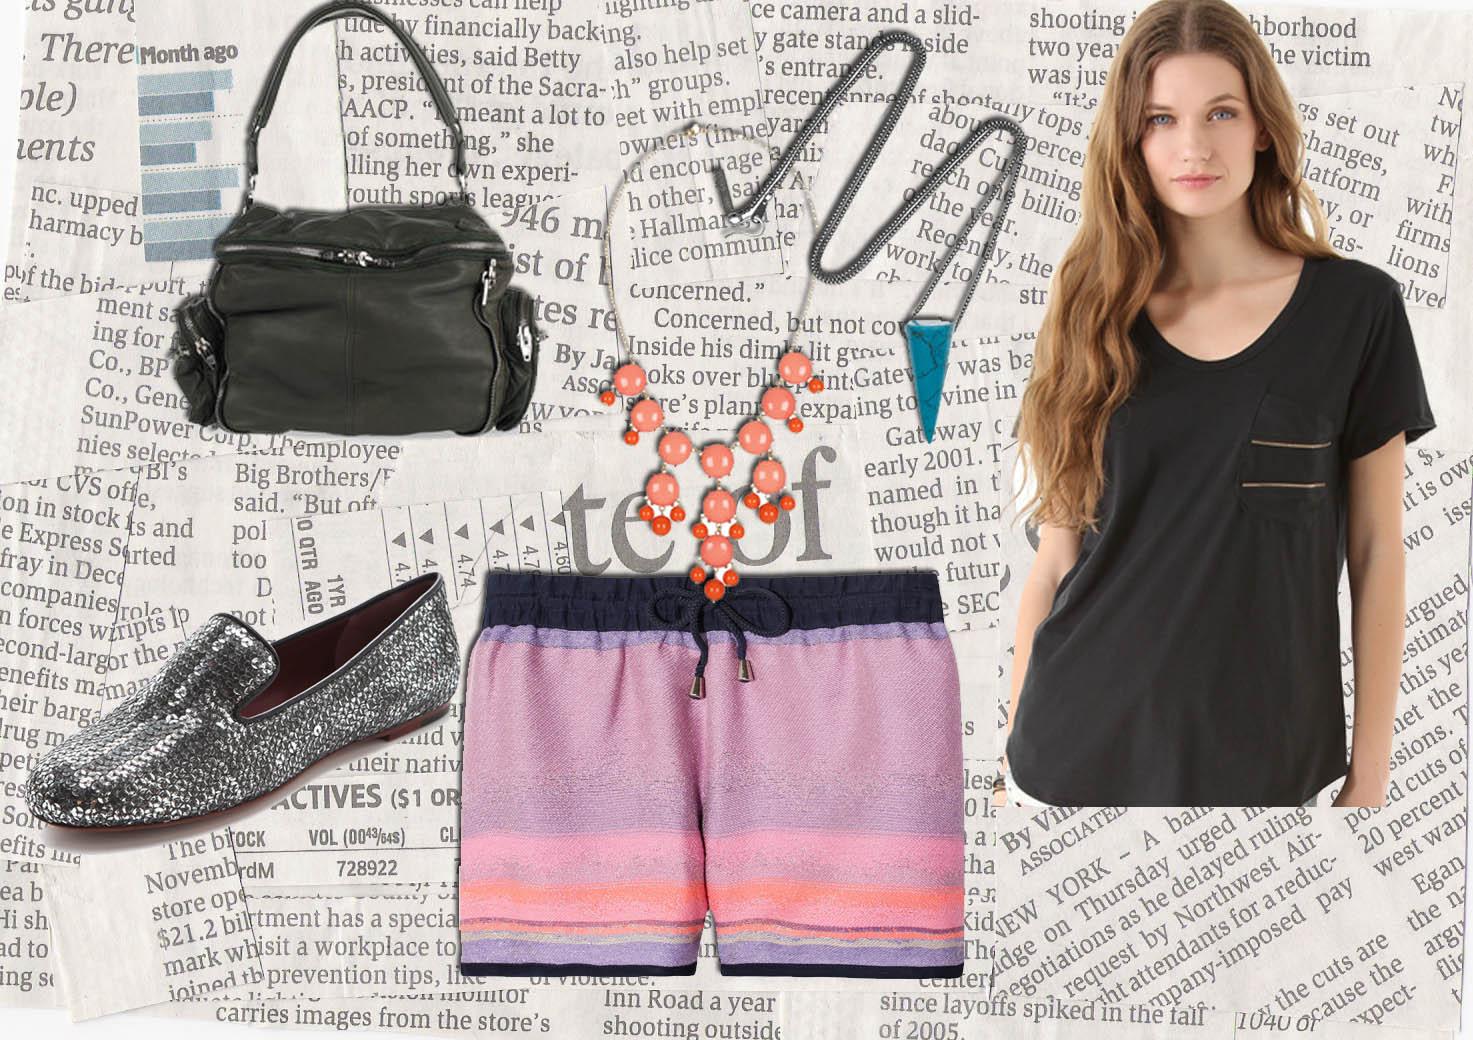 http://3.bp.blogspot.com/-OtE2ymz5pwg/T9CZXl180eI/AAAAAAAACTo/_CiF4LmpkVI/s1600/victoria+beckham+shorts+lna+shirt+alexander+wang+bag.jpg